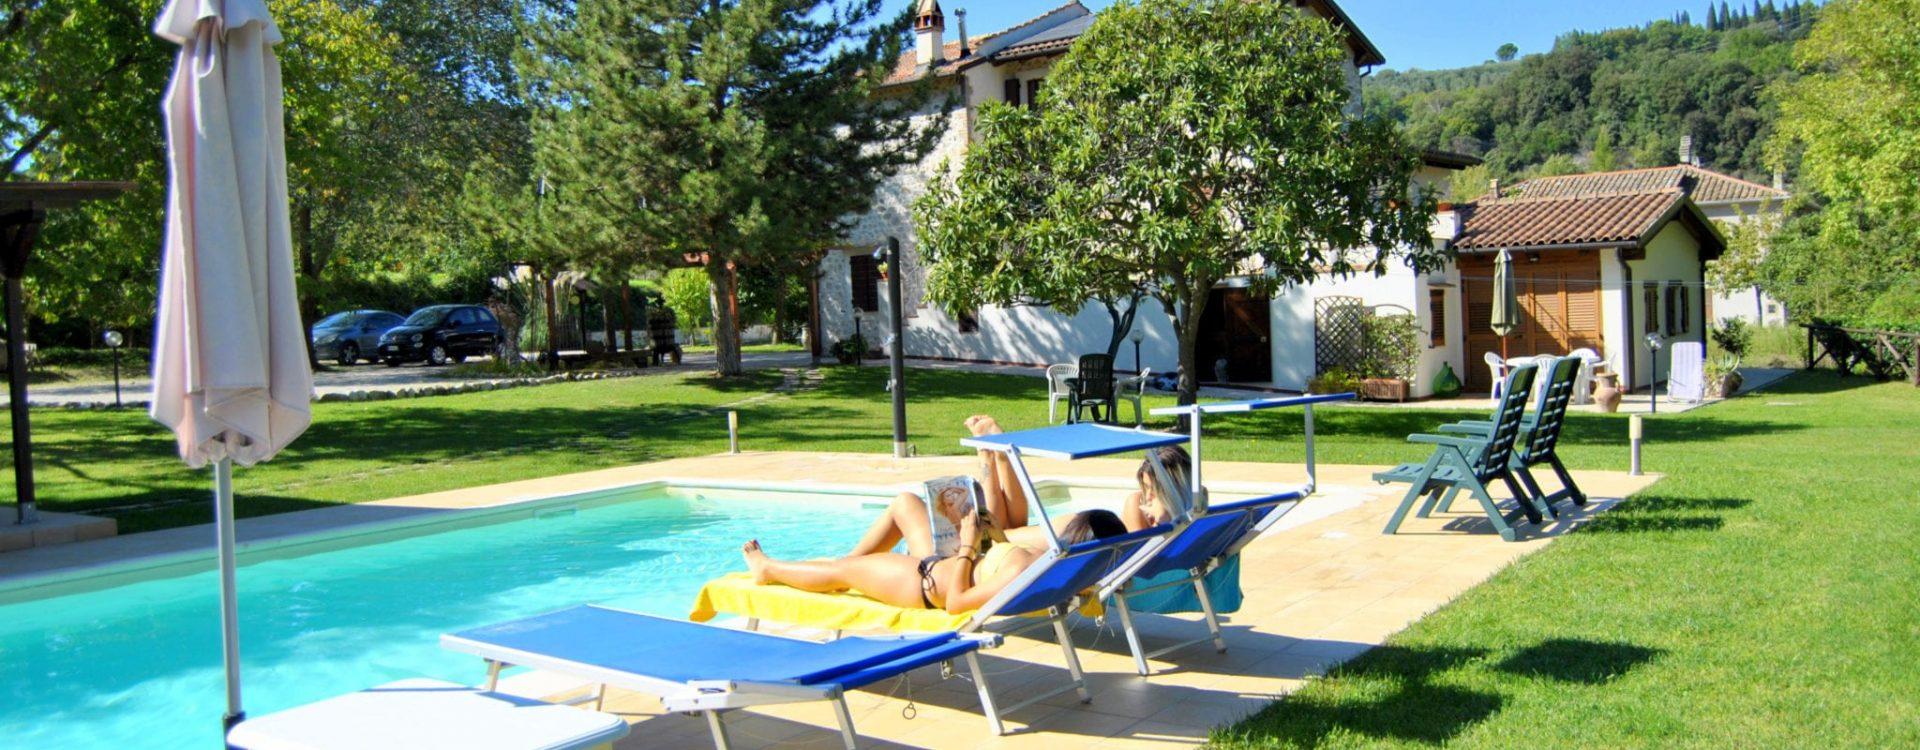 piscina ragazze 4